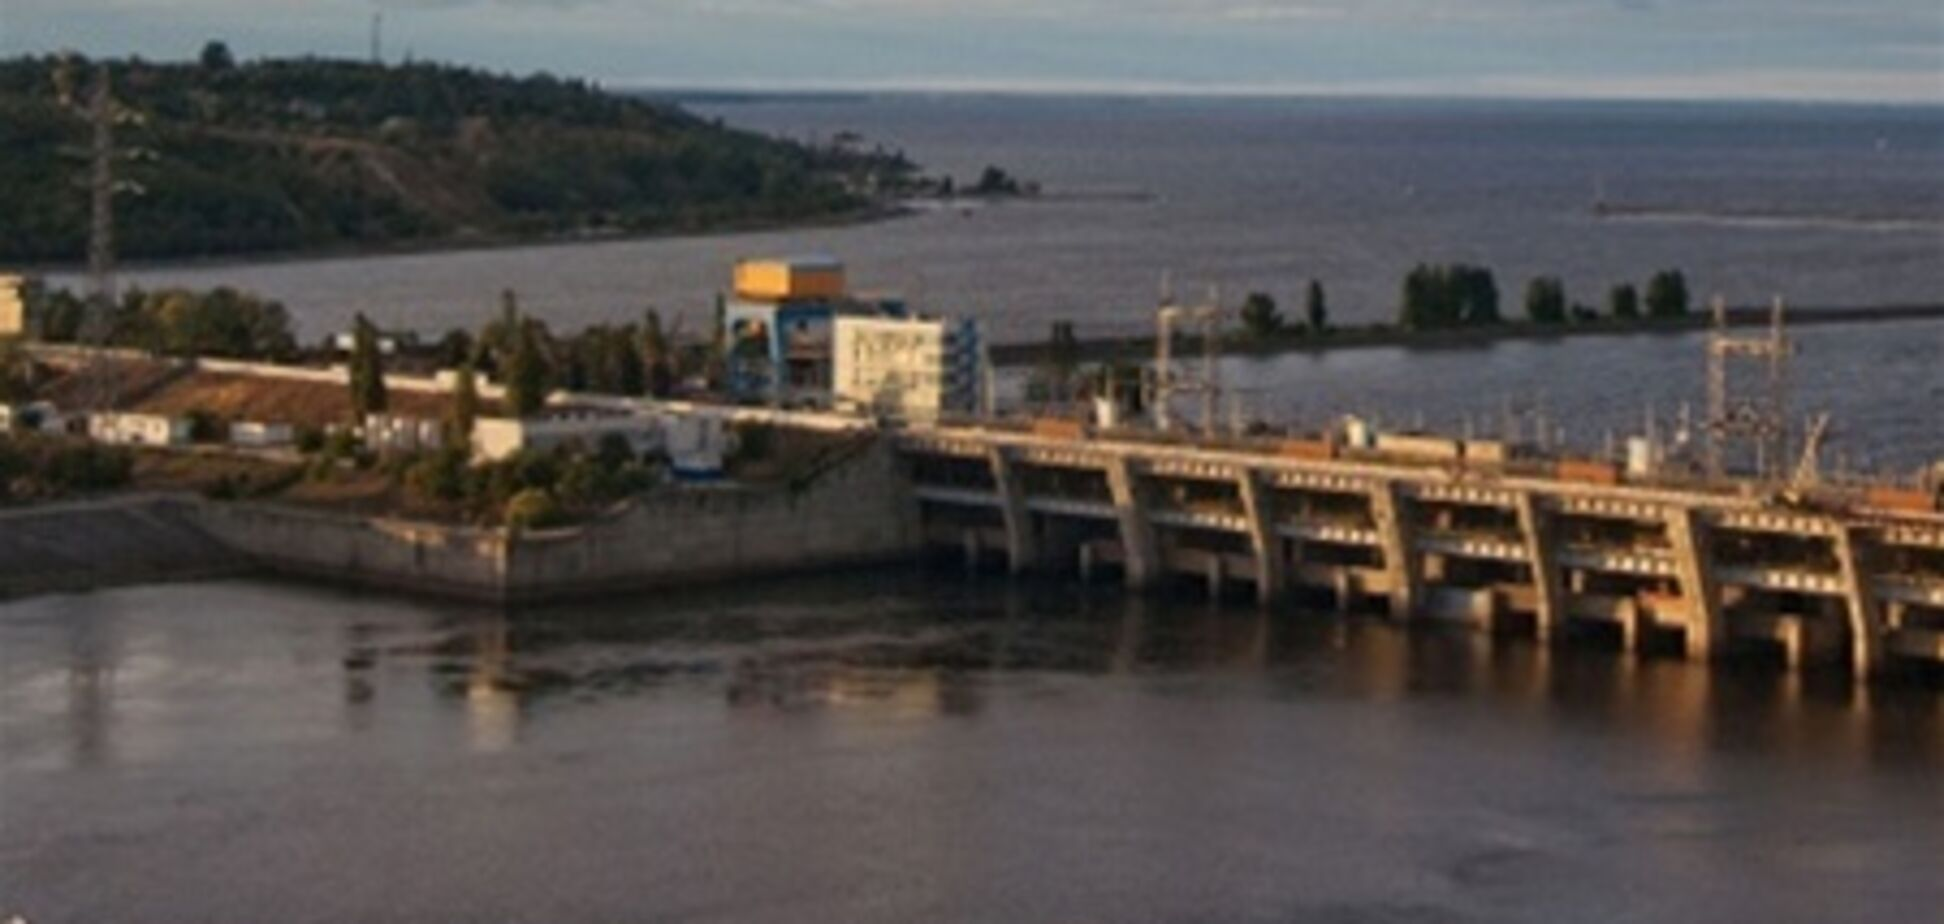 Присяжнюк: дамба Киевской ГЭС сейчас крепче, чем 20 лет назад